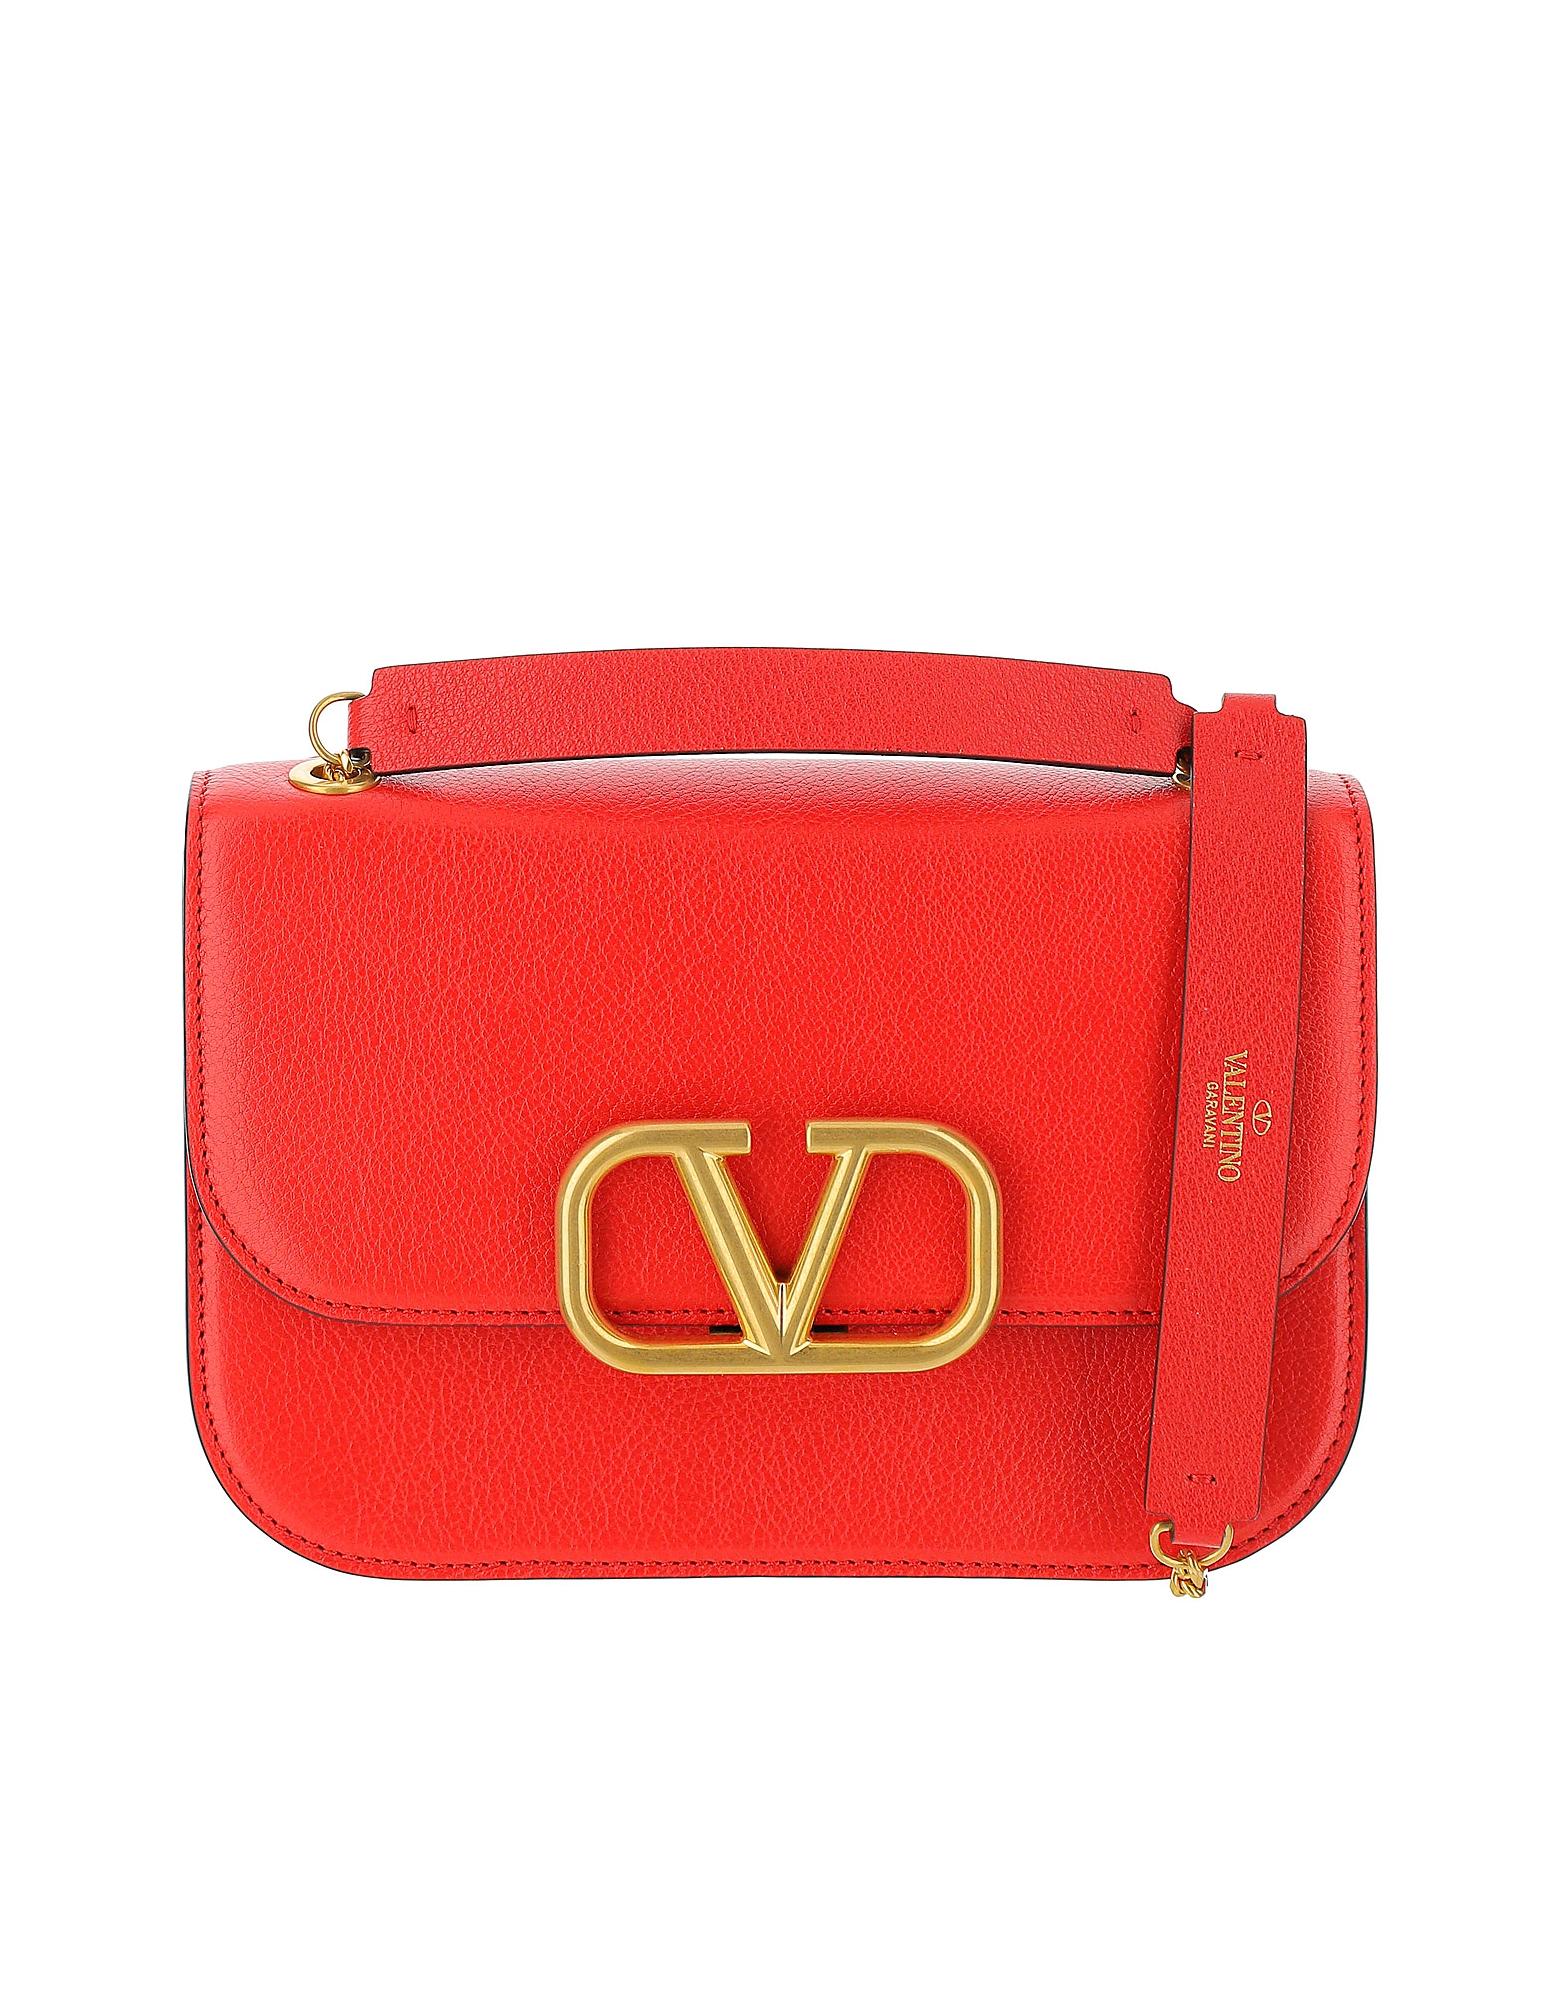 Valentino Designer Handbags, Red Leather Vlock Shoulder Bag